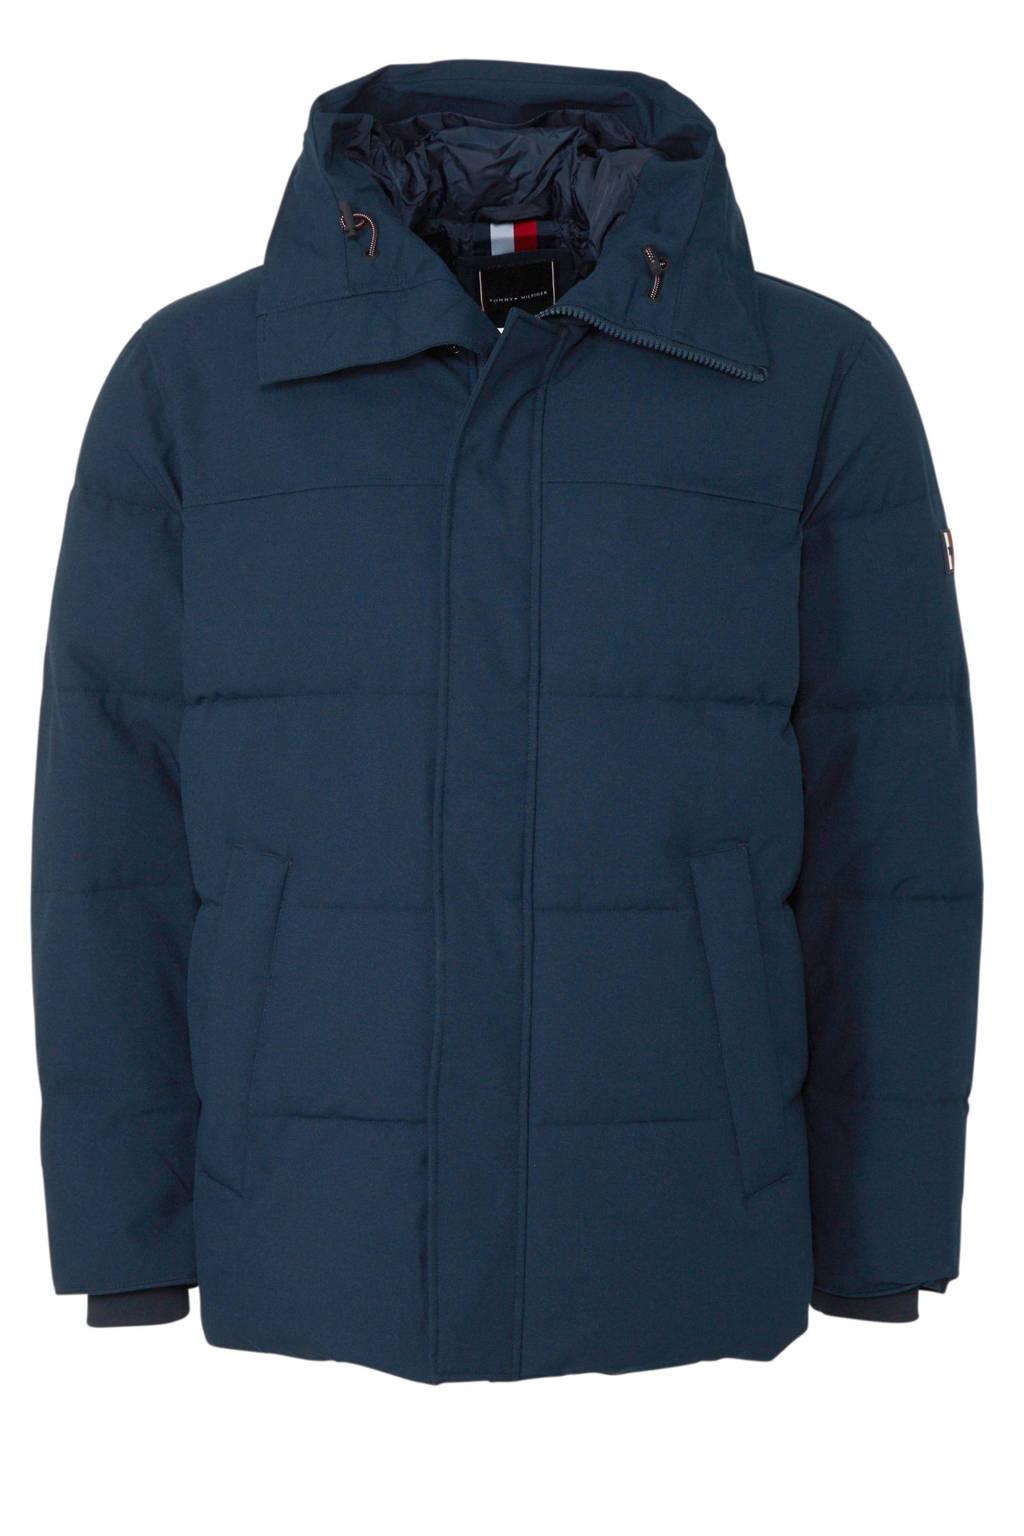 Tommy Hilfiger Big & Tall +size winterjas donkerblauw, Donkerblauw